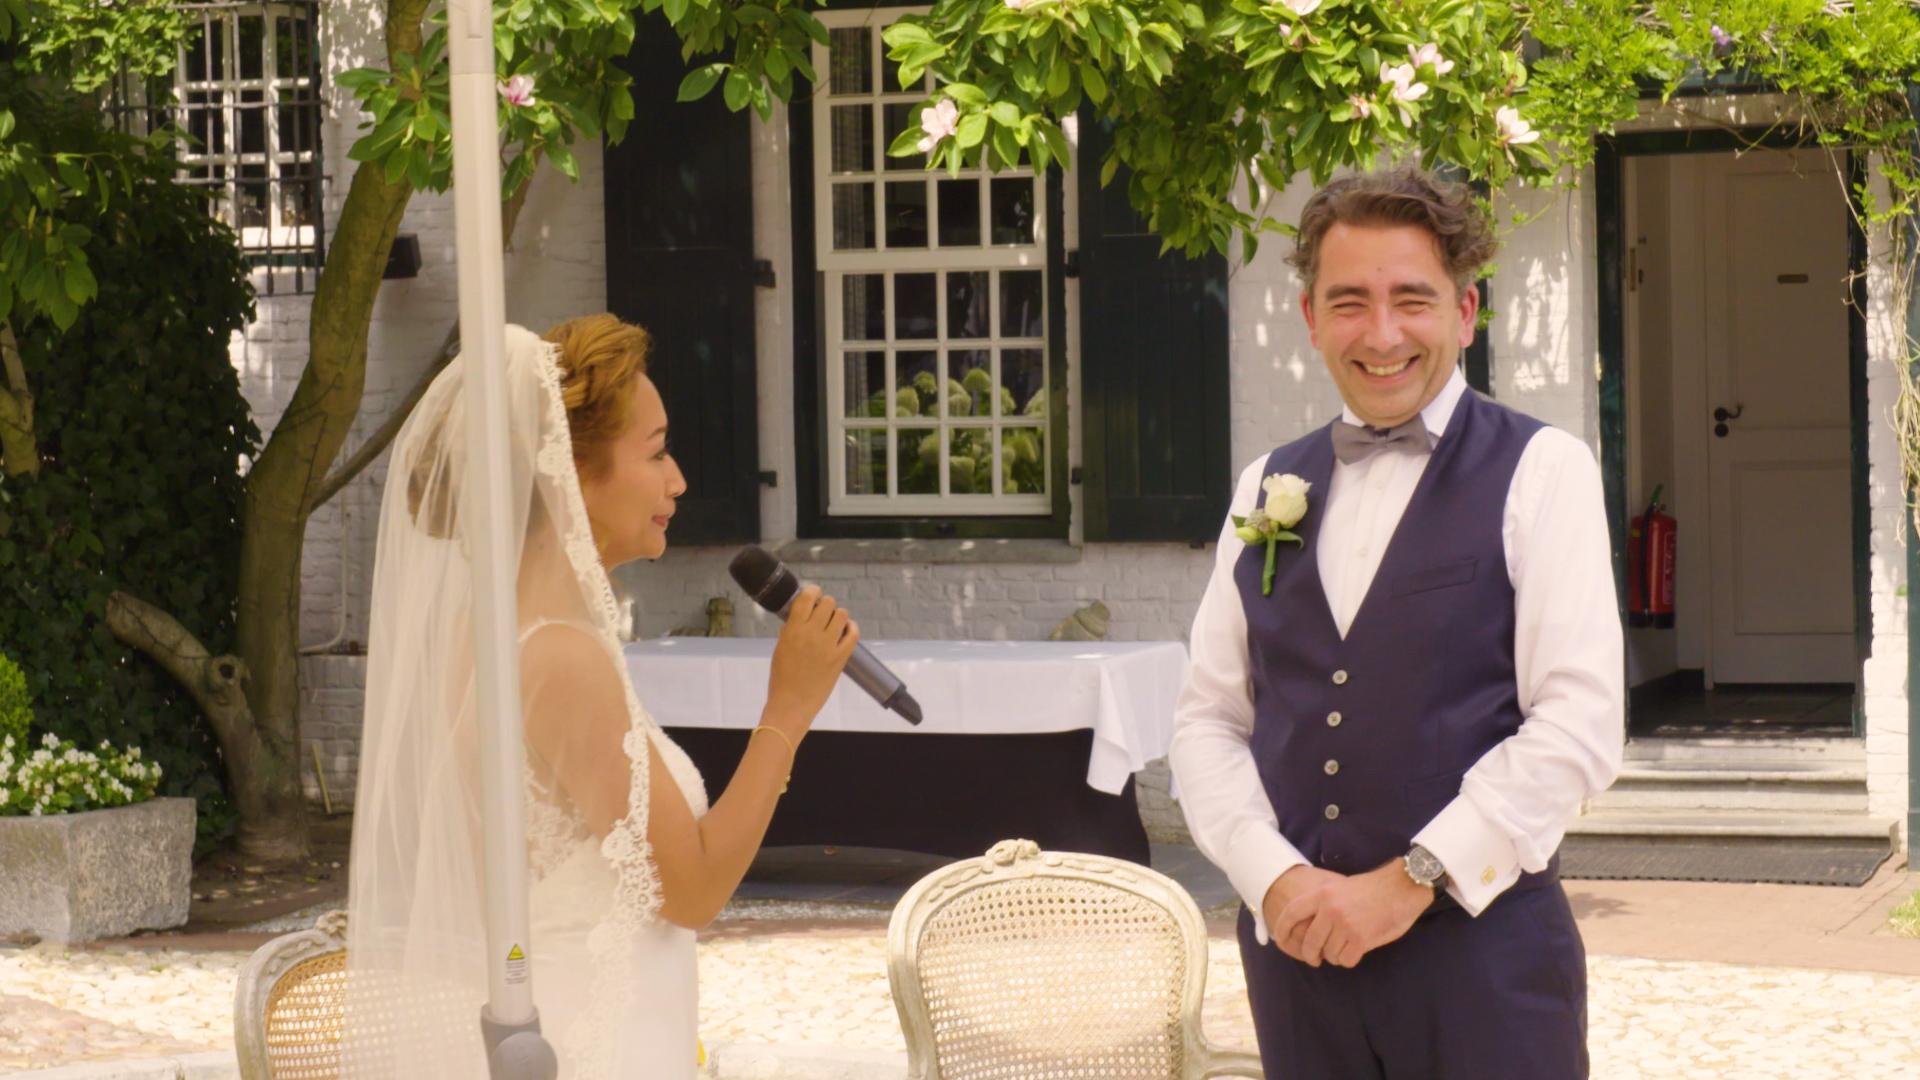 Schrijf een huwelijk speech